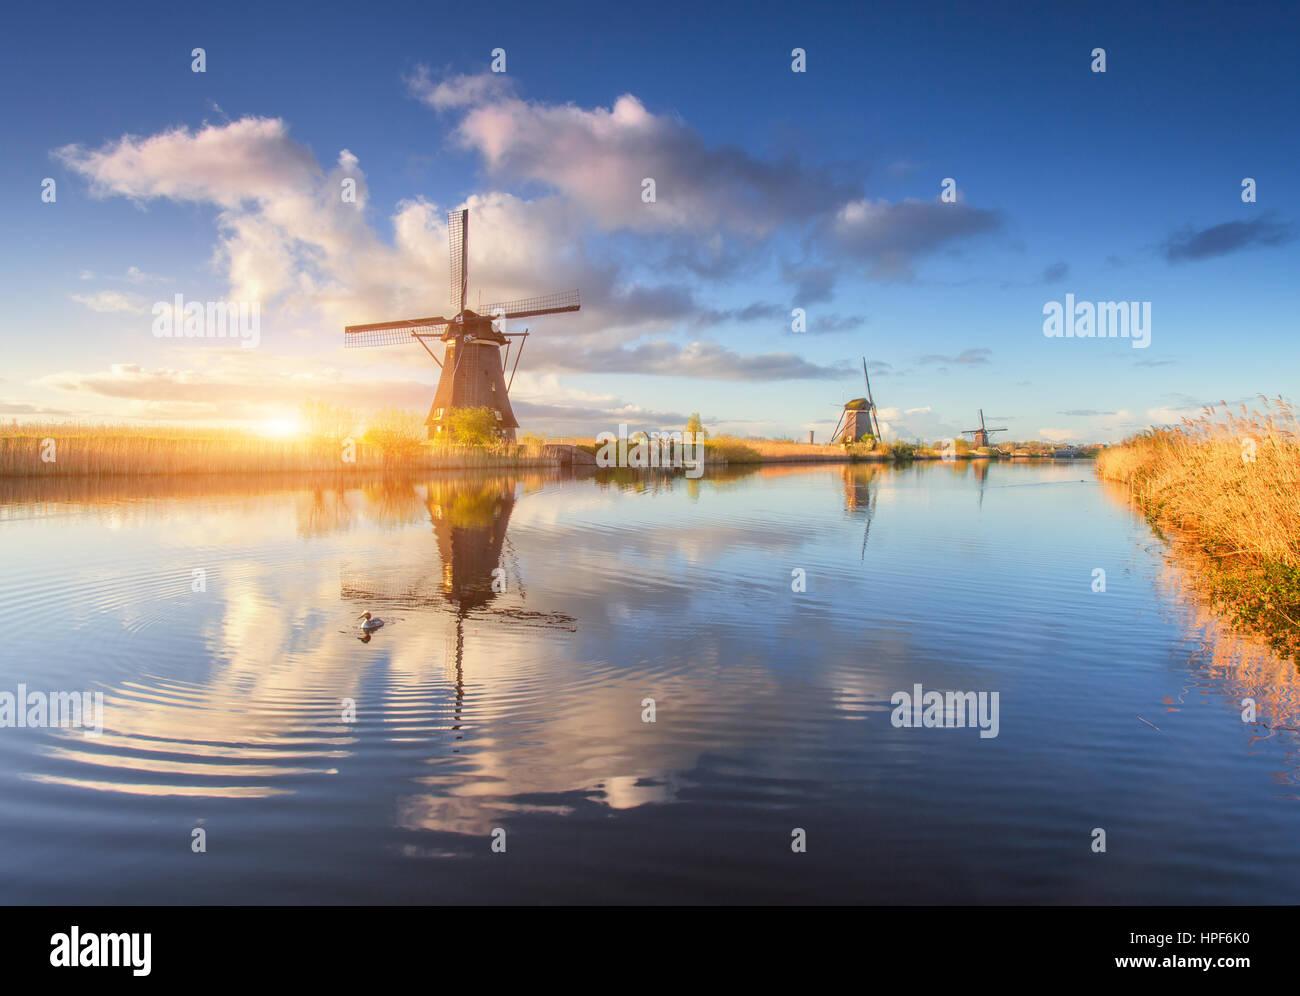 Molinos de viento en el amanecer. Agreste paisaje con impresionantes molinos holandeses cerca de los canales de Imagen De Stock